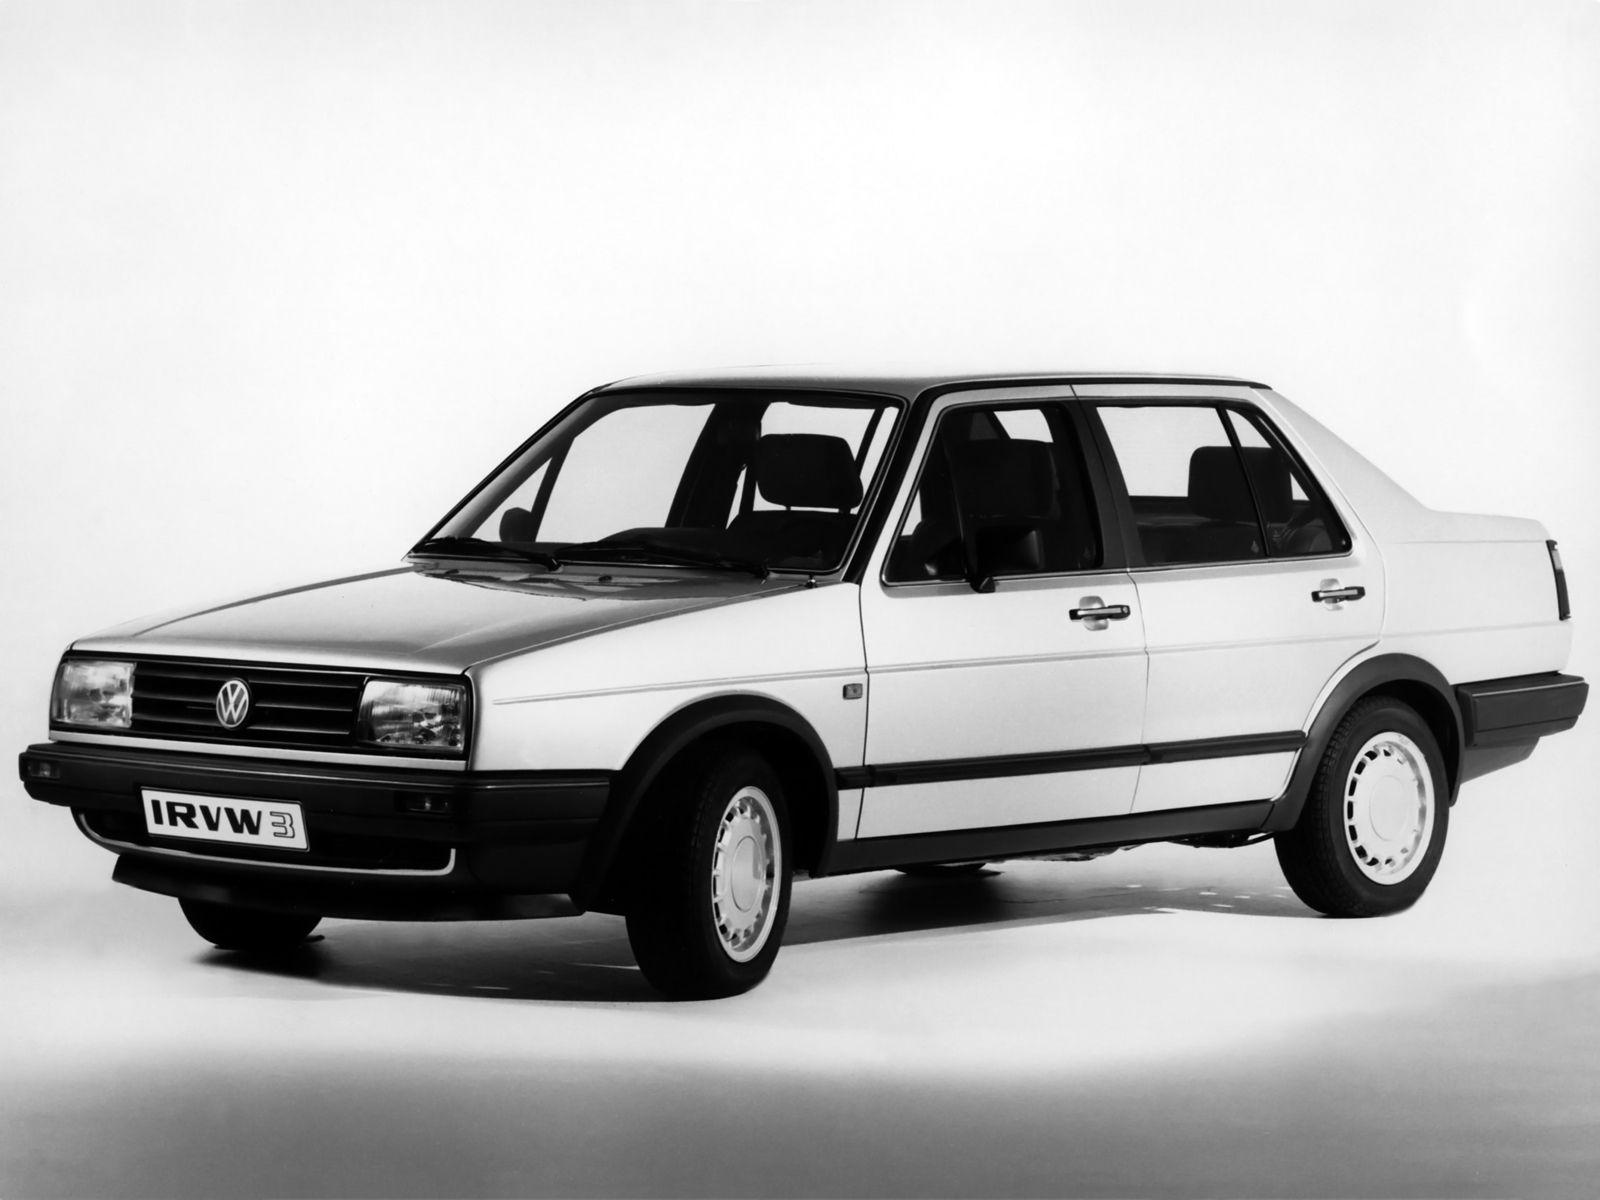 volkswagen jetta irvw 3 typ 1g 1985 volkswagen jetta